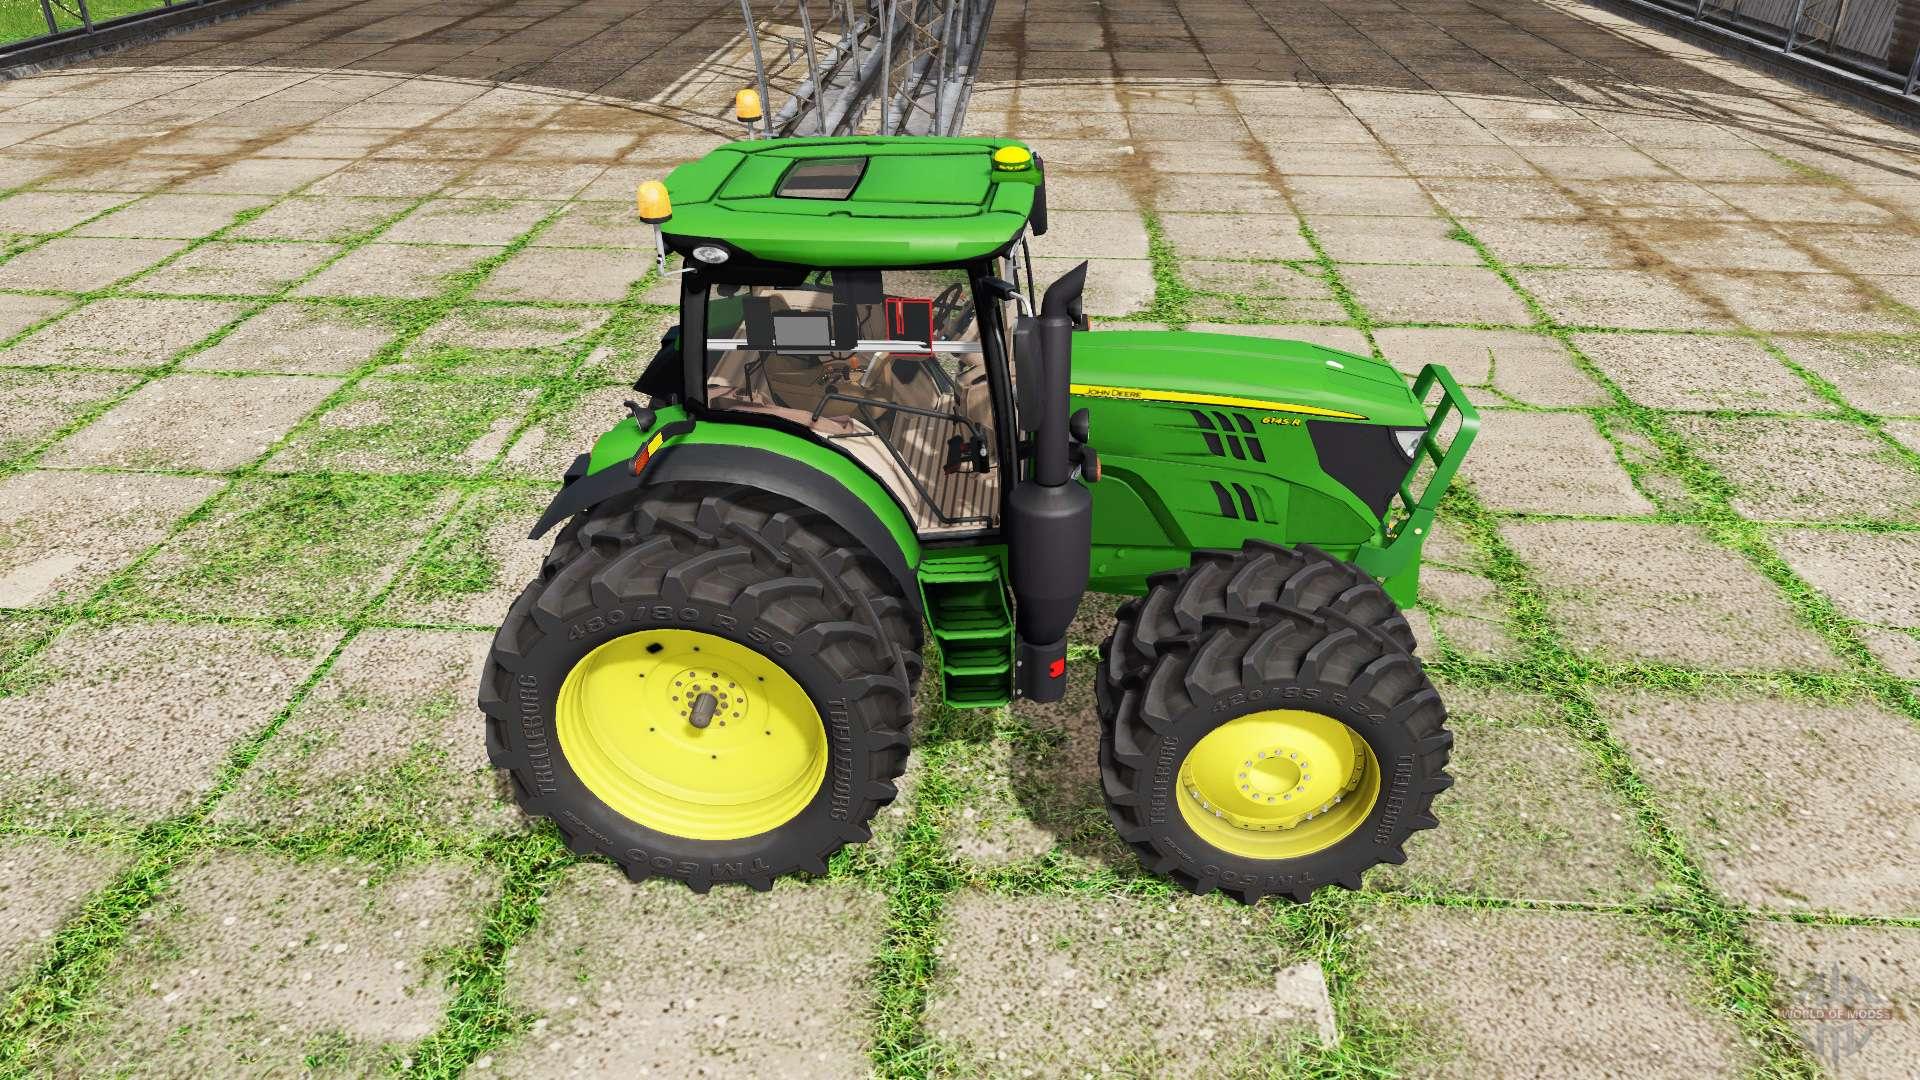 МТЗ 4522: технические характеристики, недостатки, мощность.